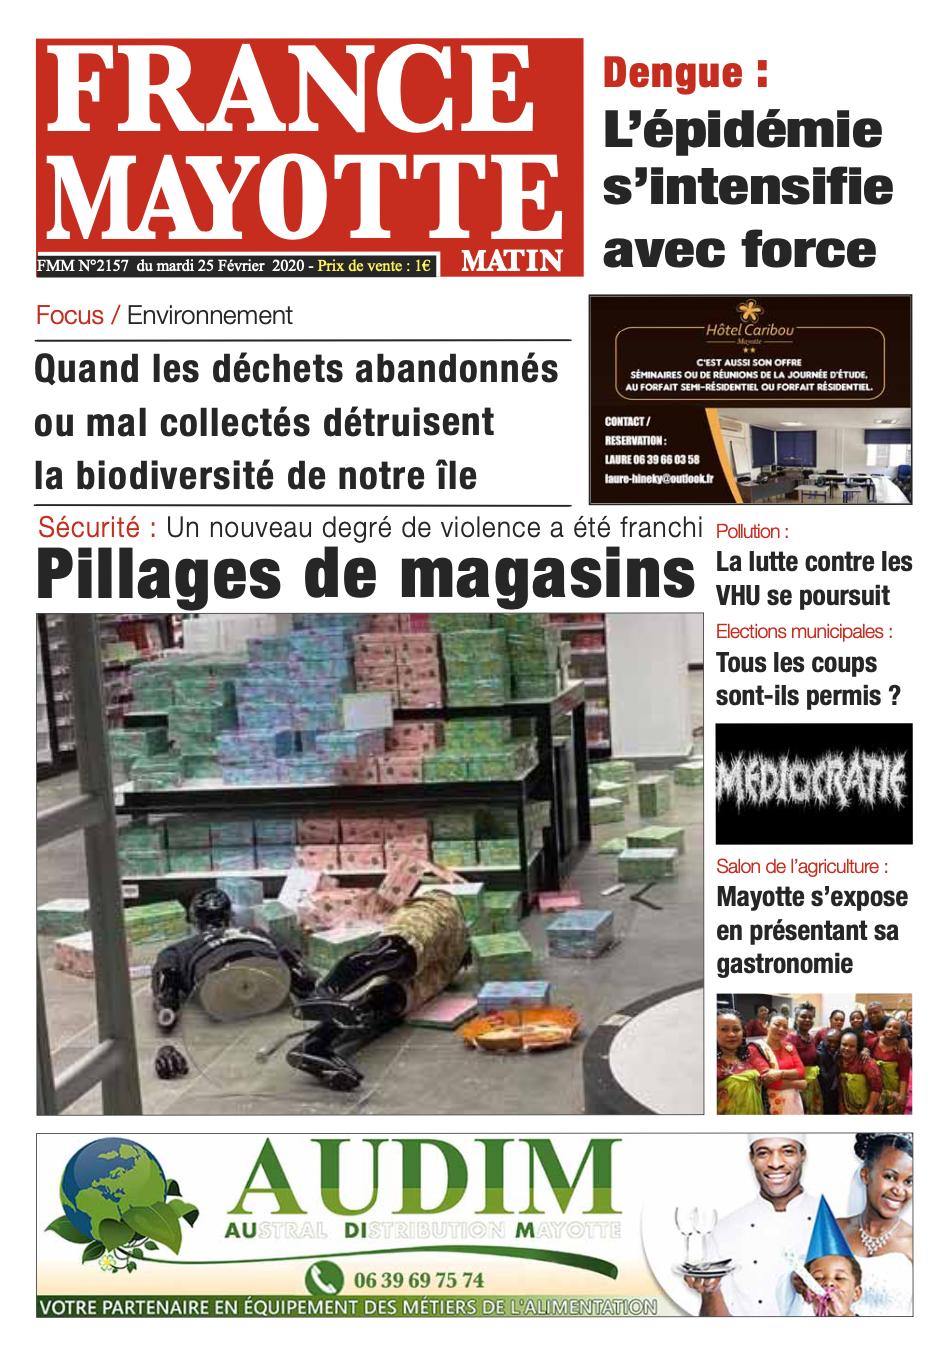 France Mayotte Mardi 25 février 2020